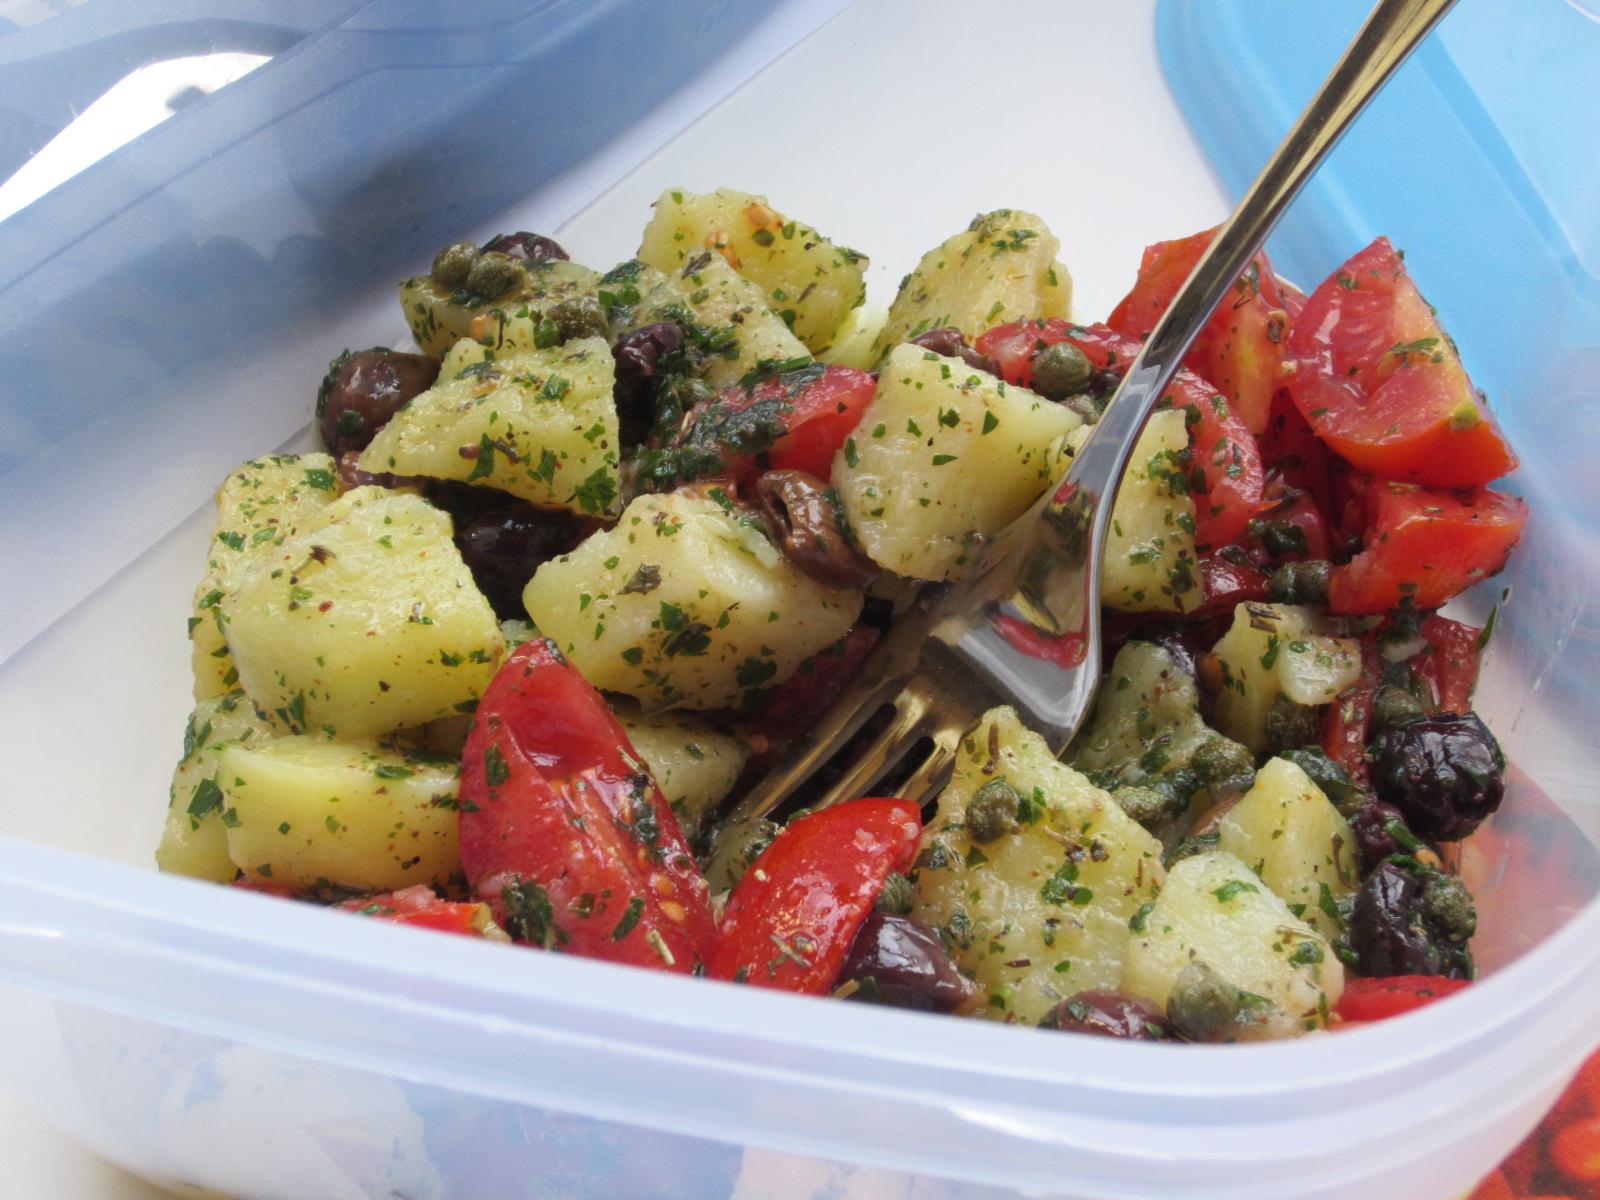 Nella foto si vede un'insalata di patate